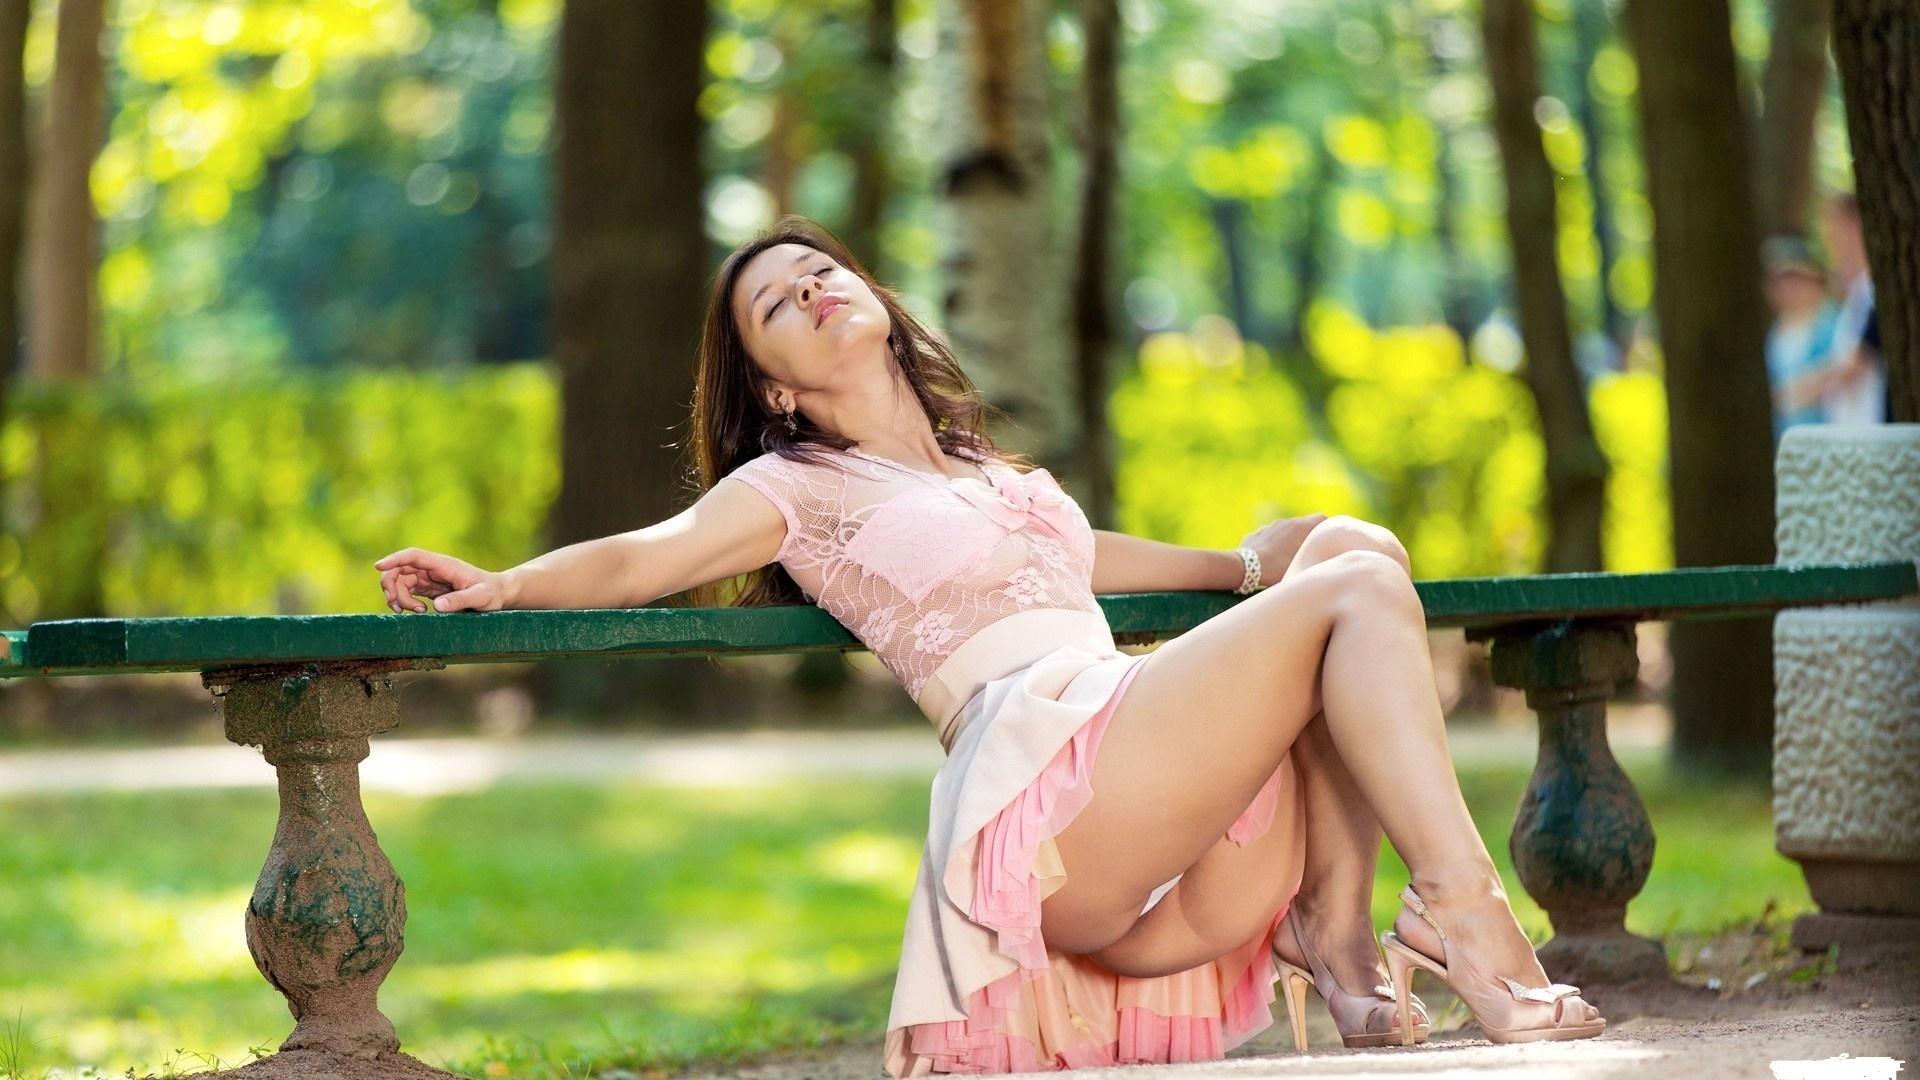 Эротика фото в парке — img 9